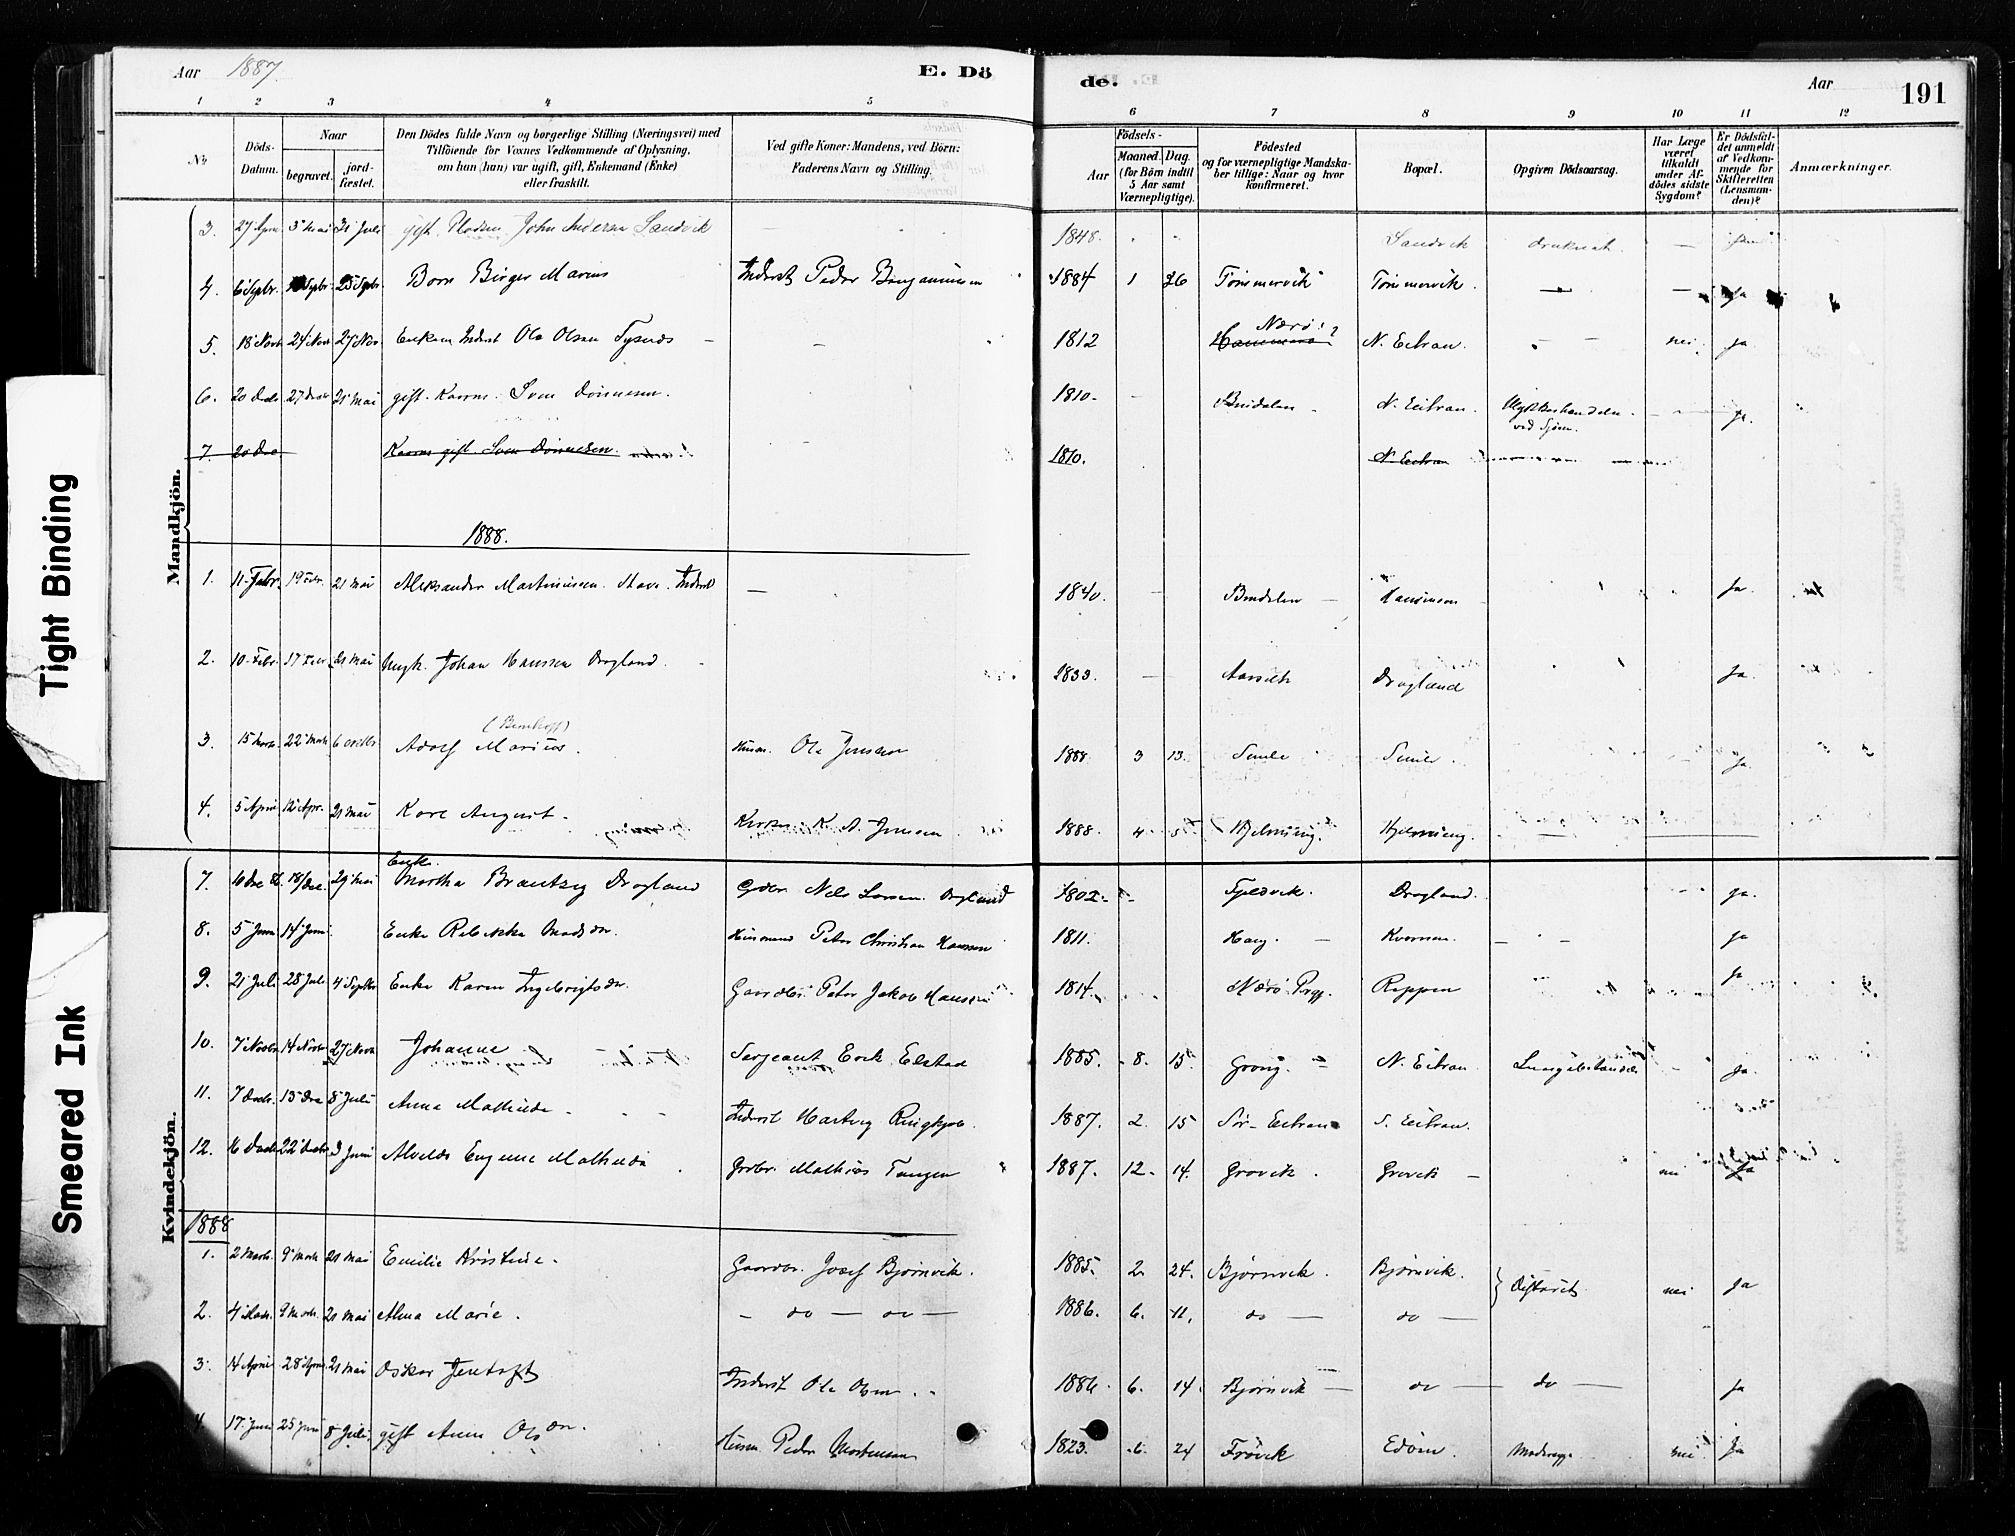 SAT, Ministerialprotokoller, klokkerbøker og fødselsregistre - Nord-Trøndelag, 789/L0705: Ministerialbok nr. 789A01, 1878-1910, s. 191